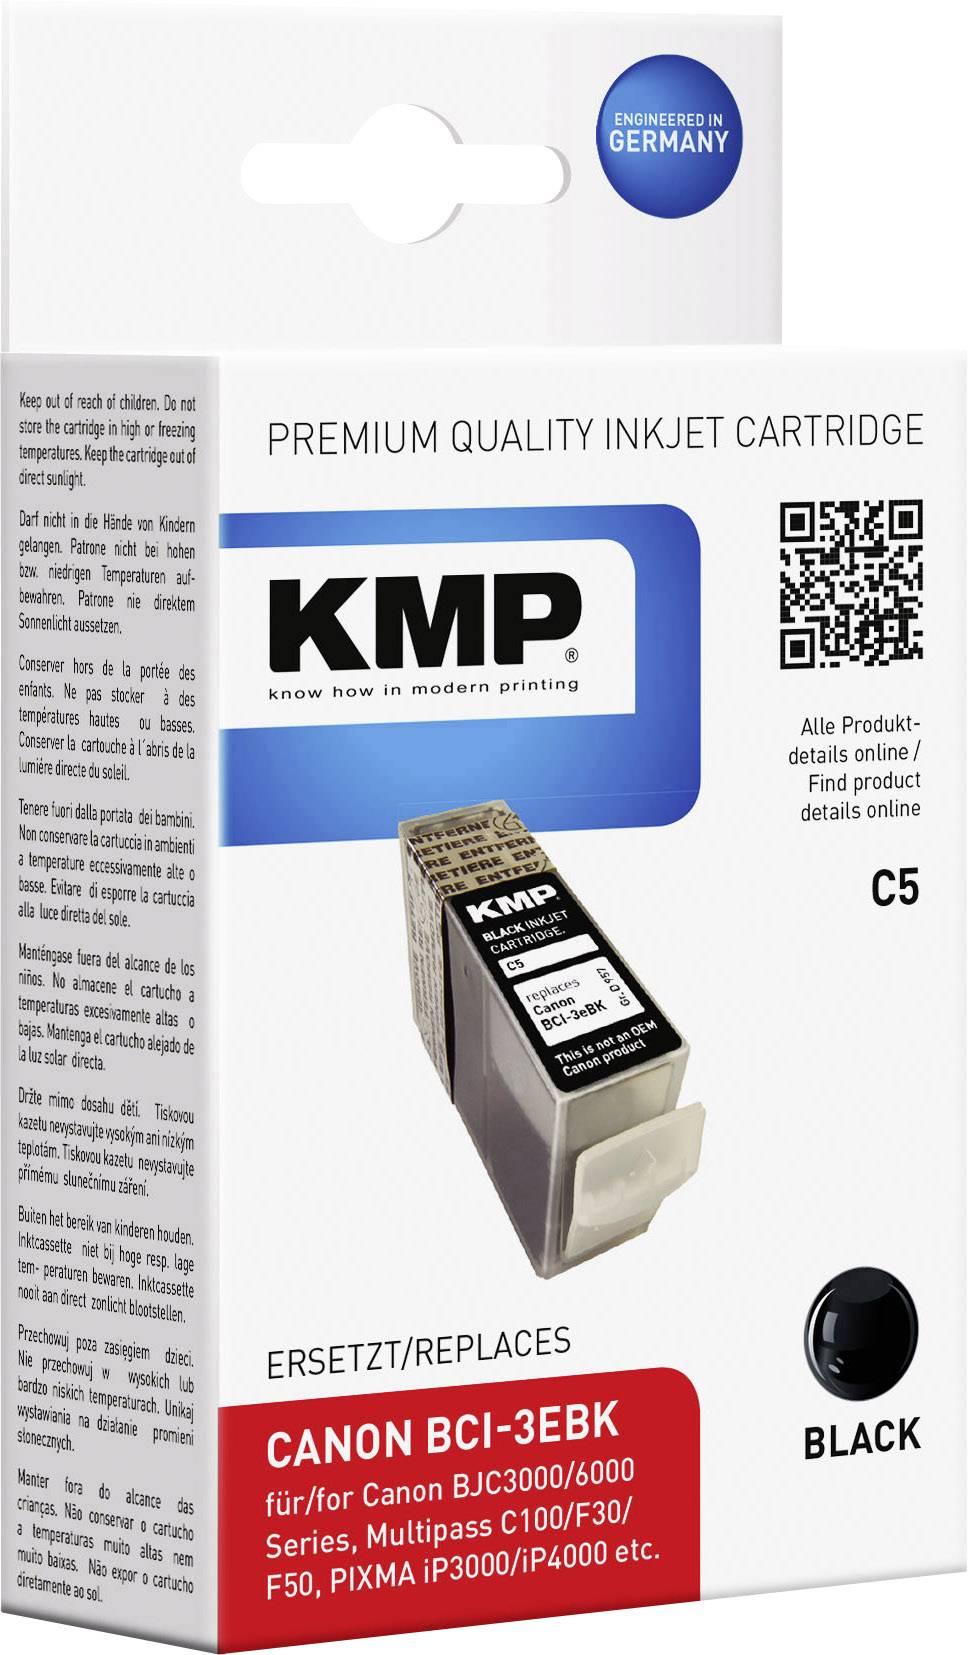 Ink náplň do tlačiarne KMP C5 0957,0001, kompatibilná, čierna